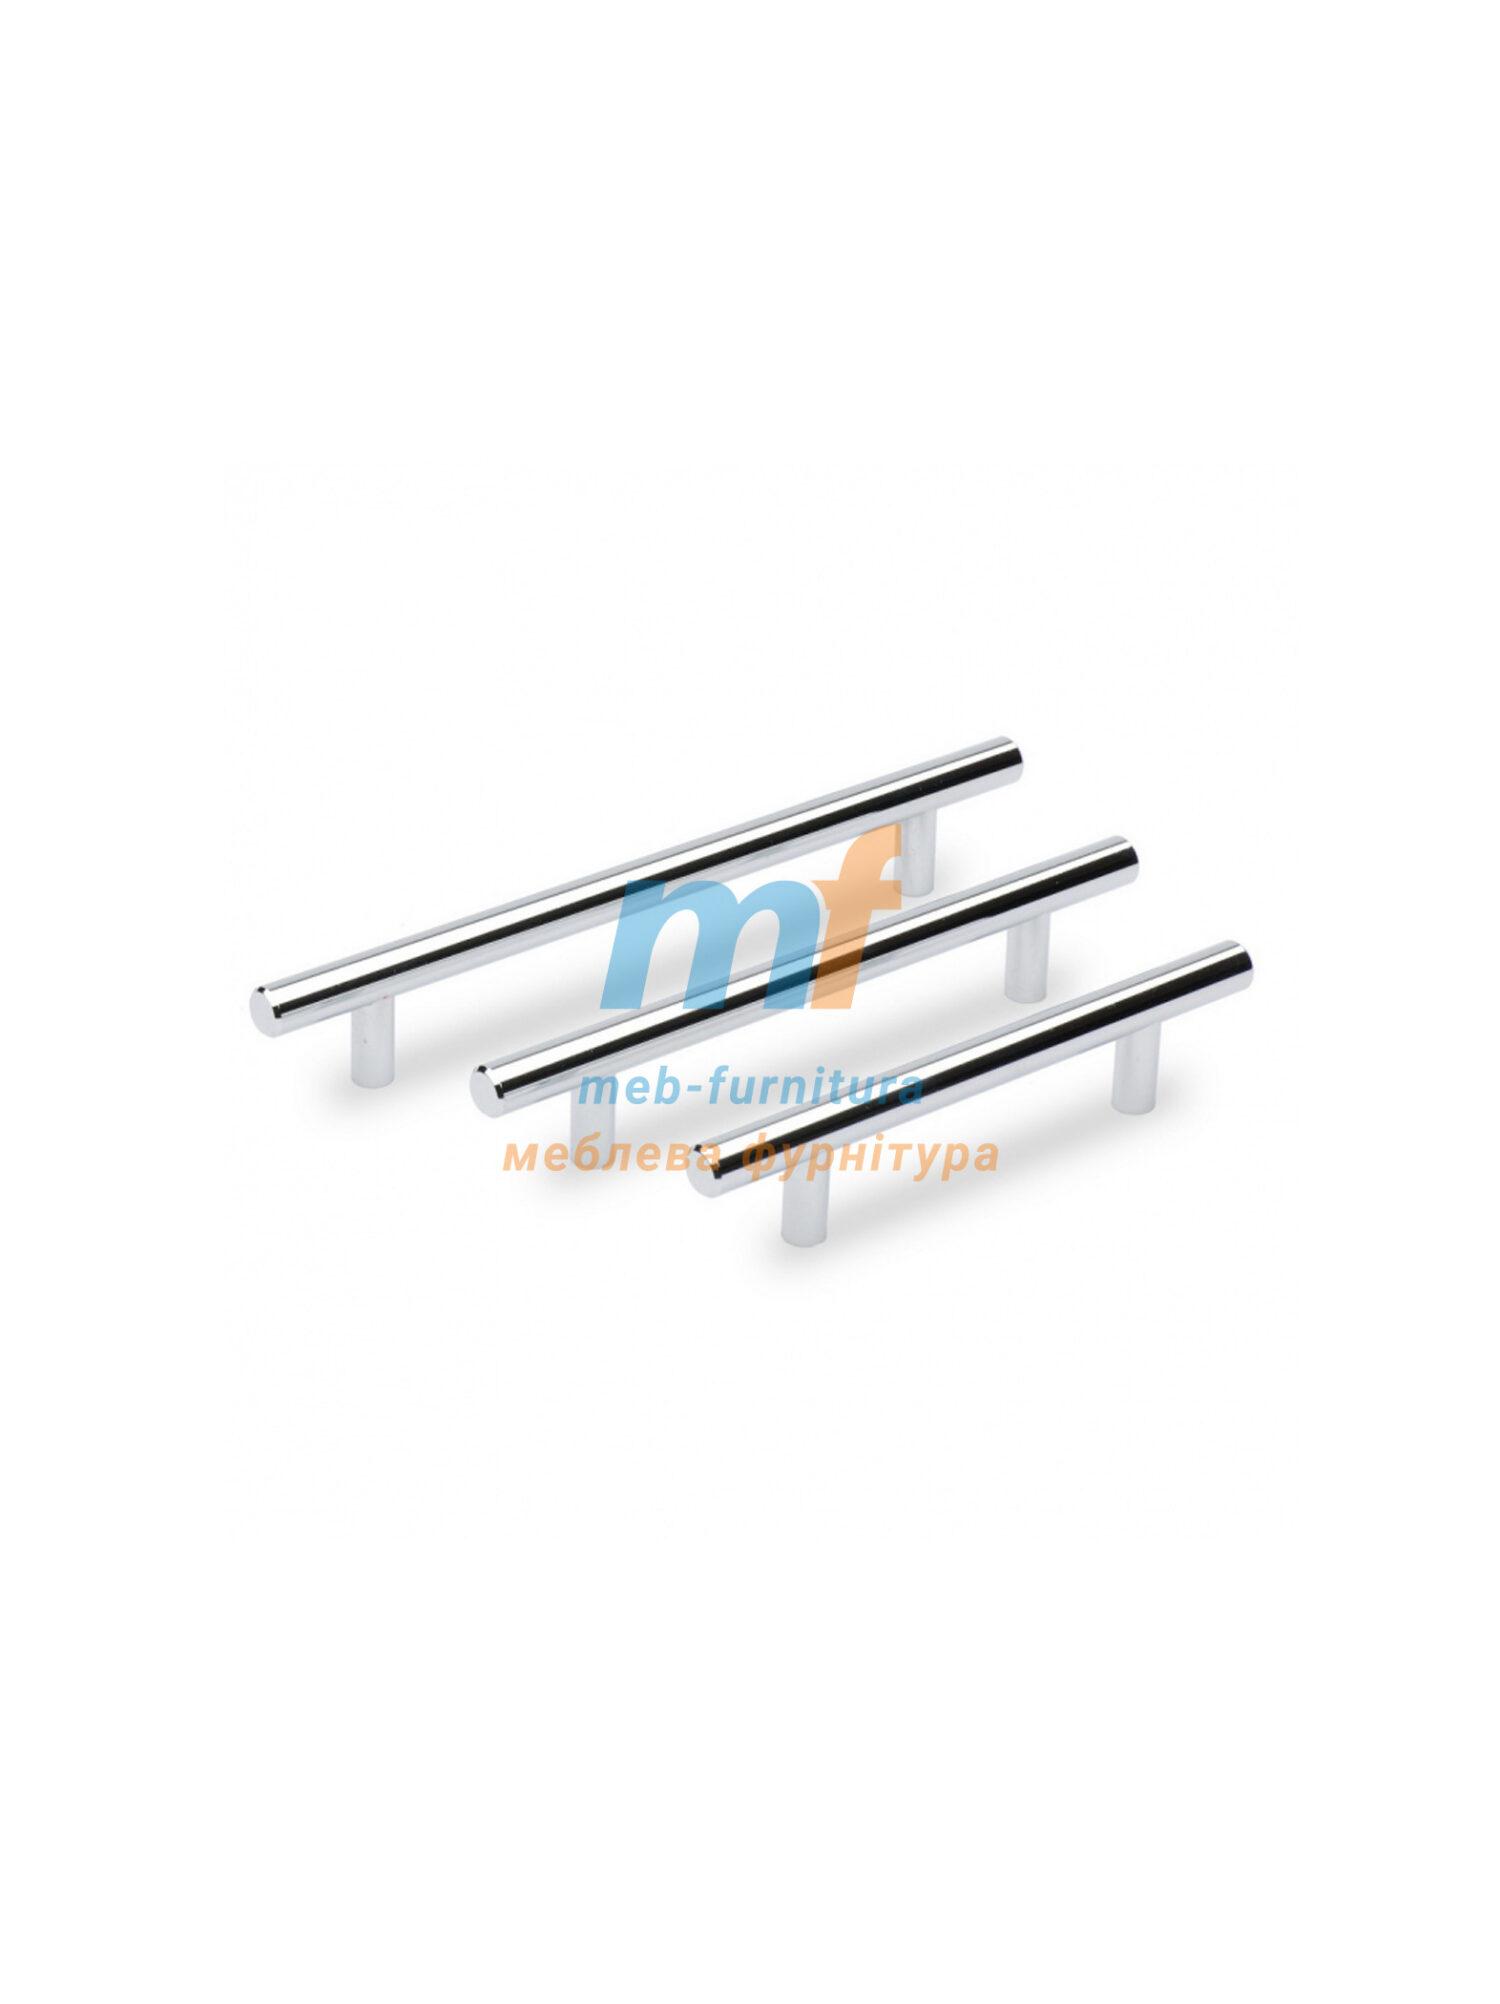 Ручка мебельная релинг 448мм - хром